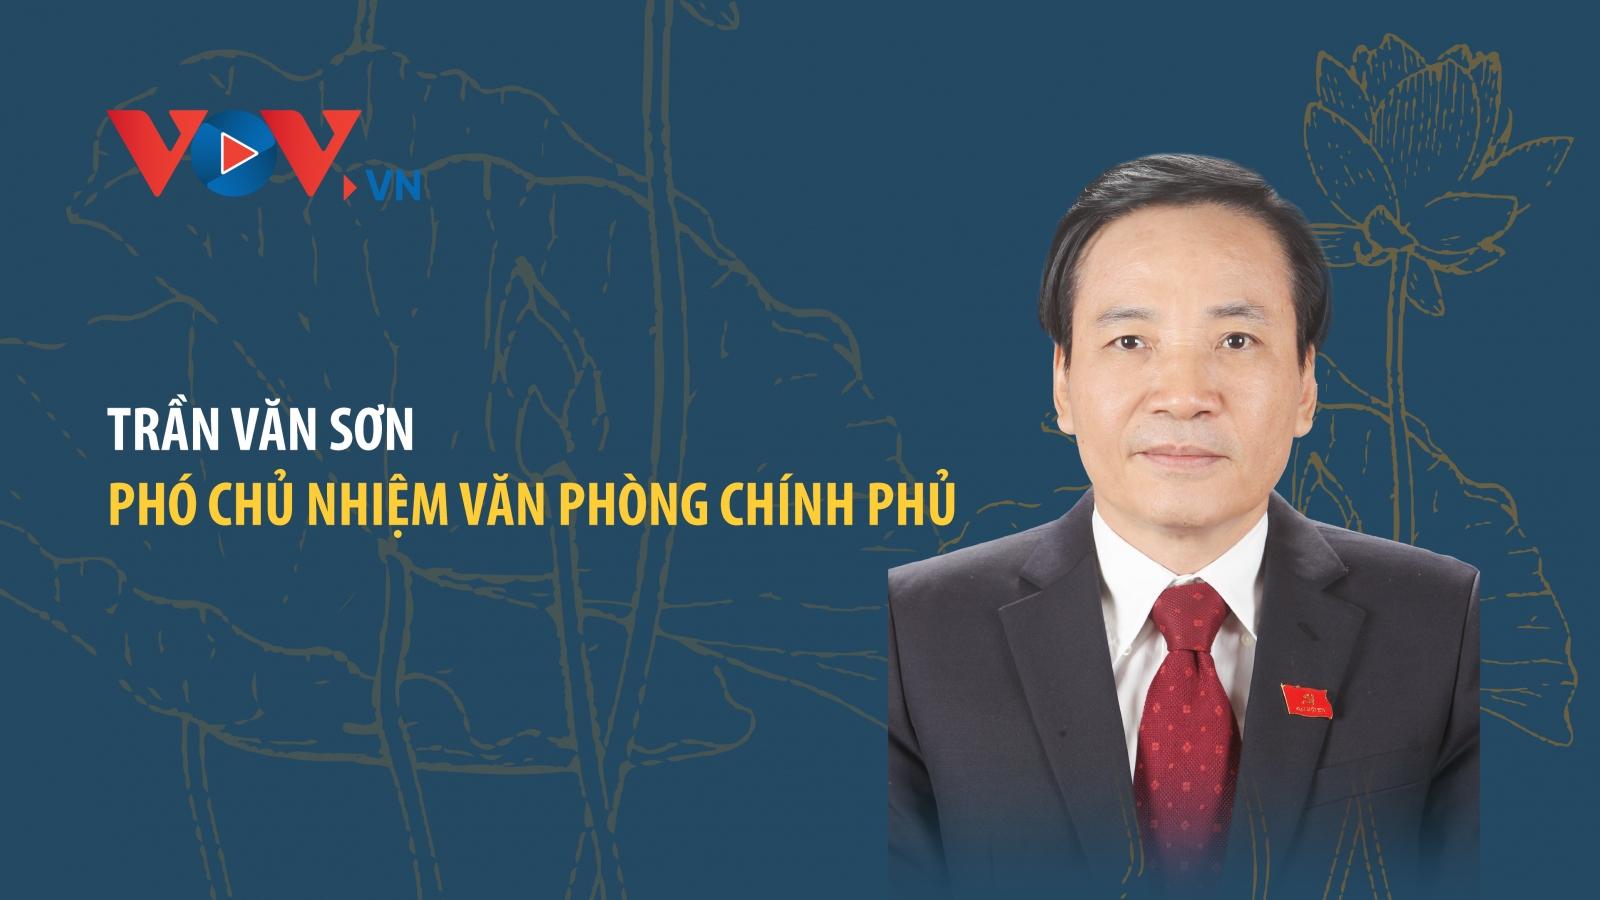 Chân dung ông Trần Văn Sơn, Phó Chủ nhiệm Văn phòng Chính phủ